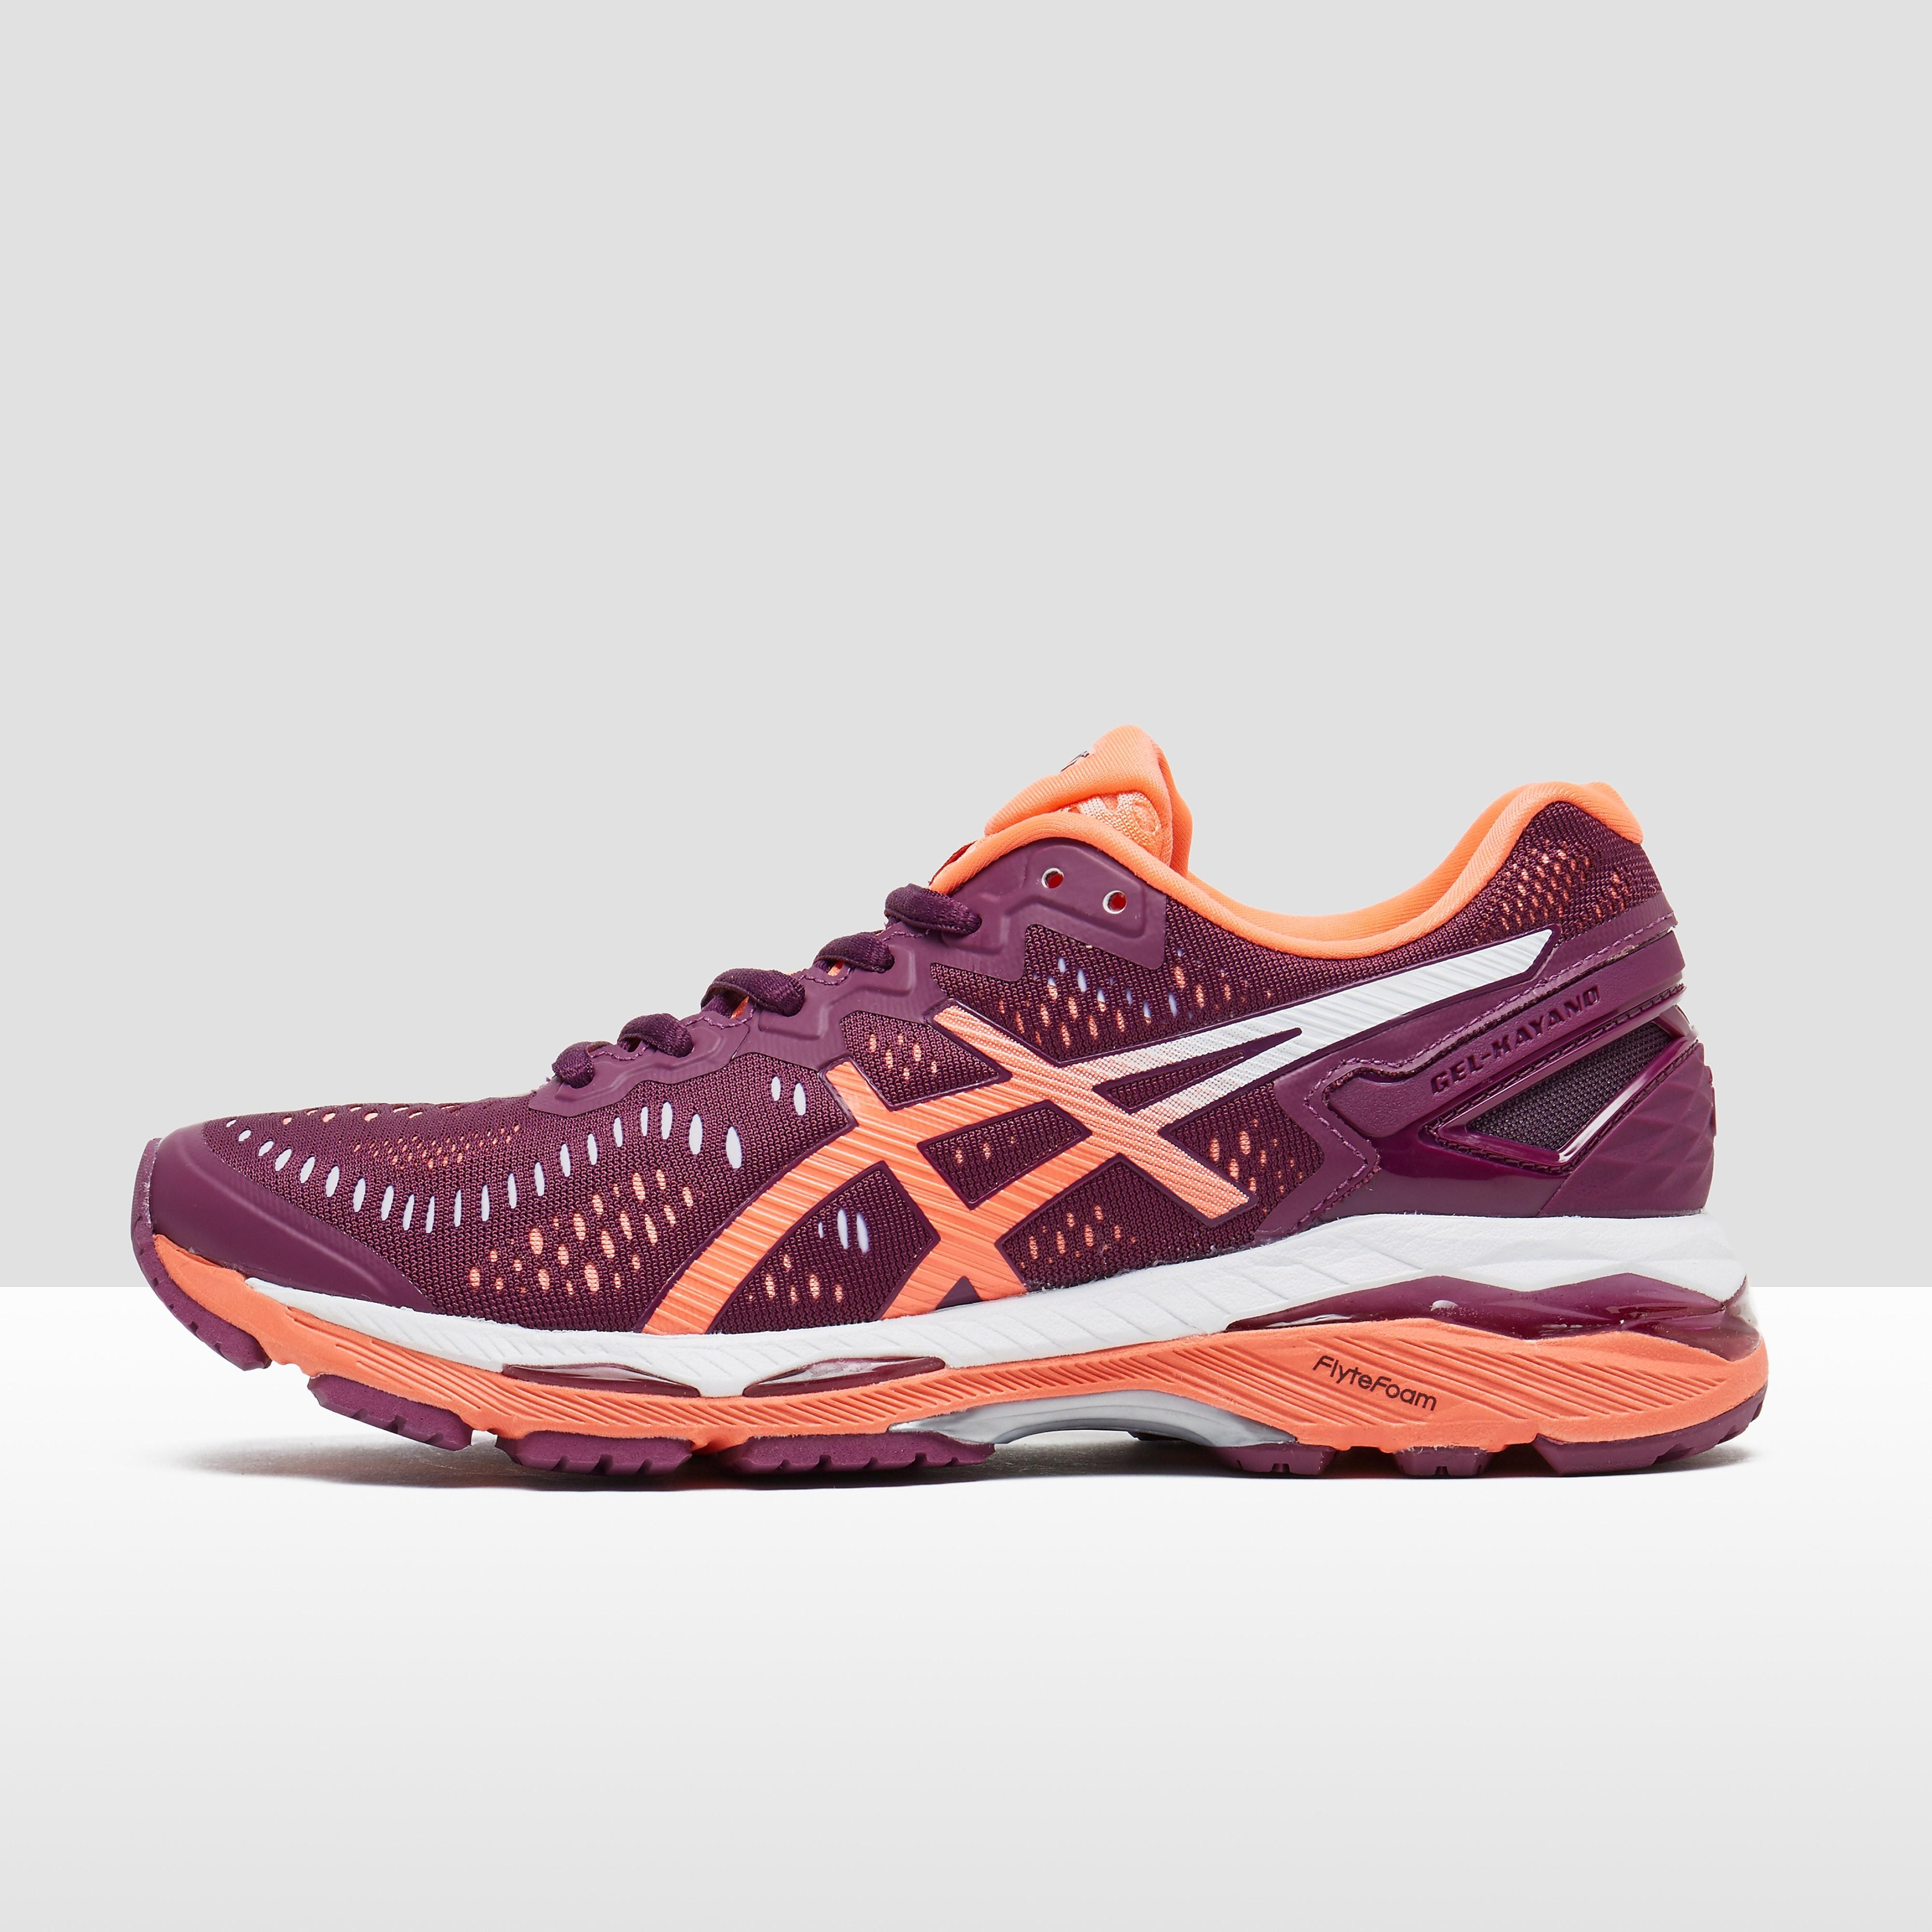 ASICS Gel Kayano 23 Women's Running Shoes